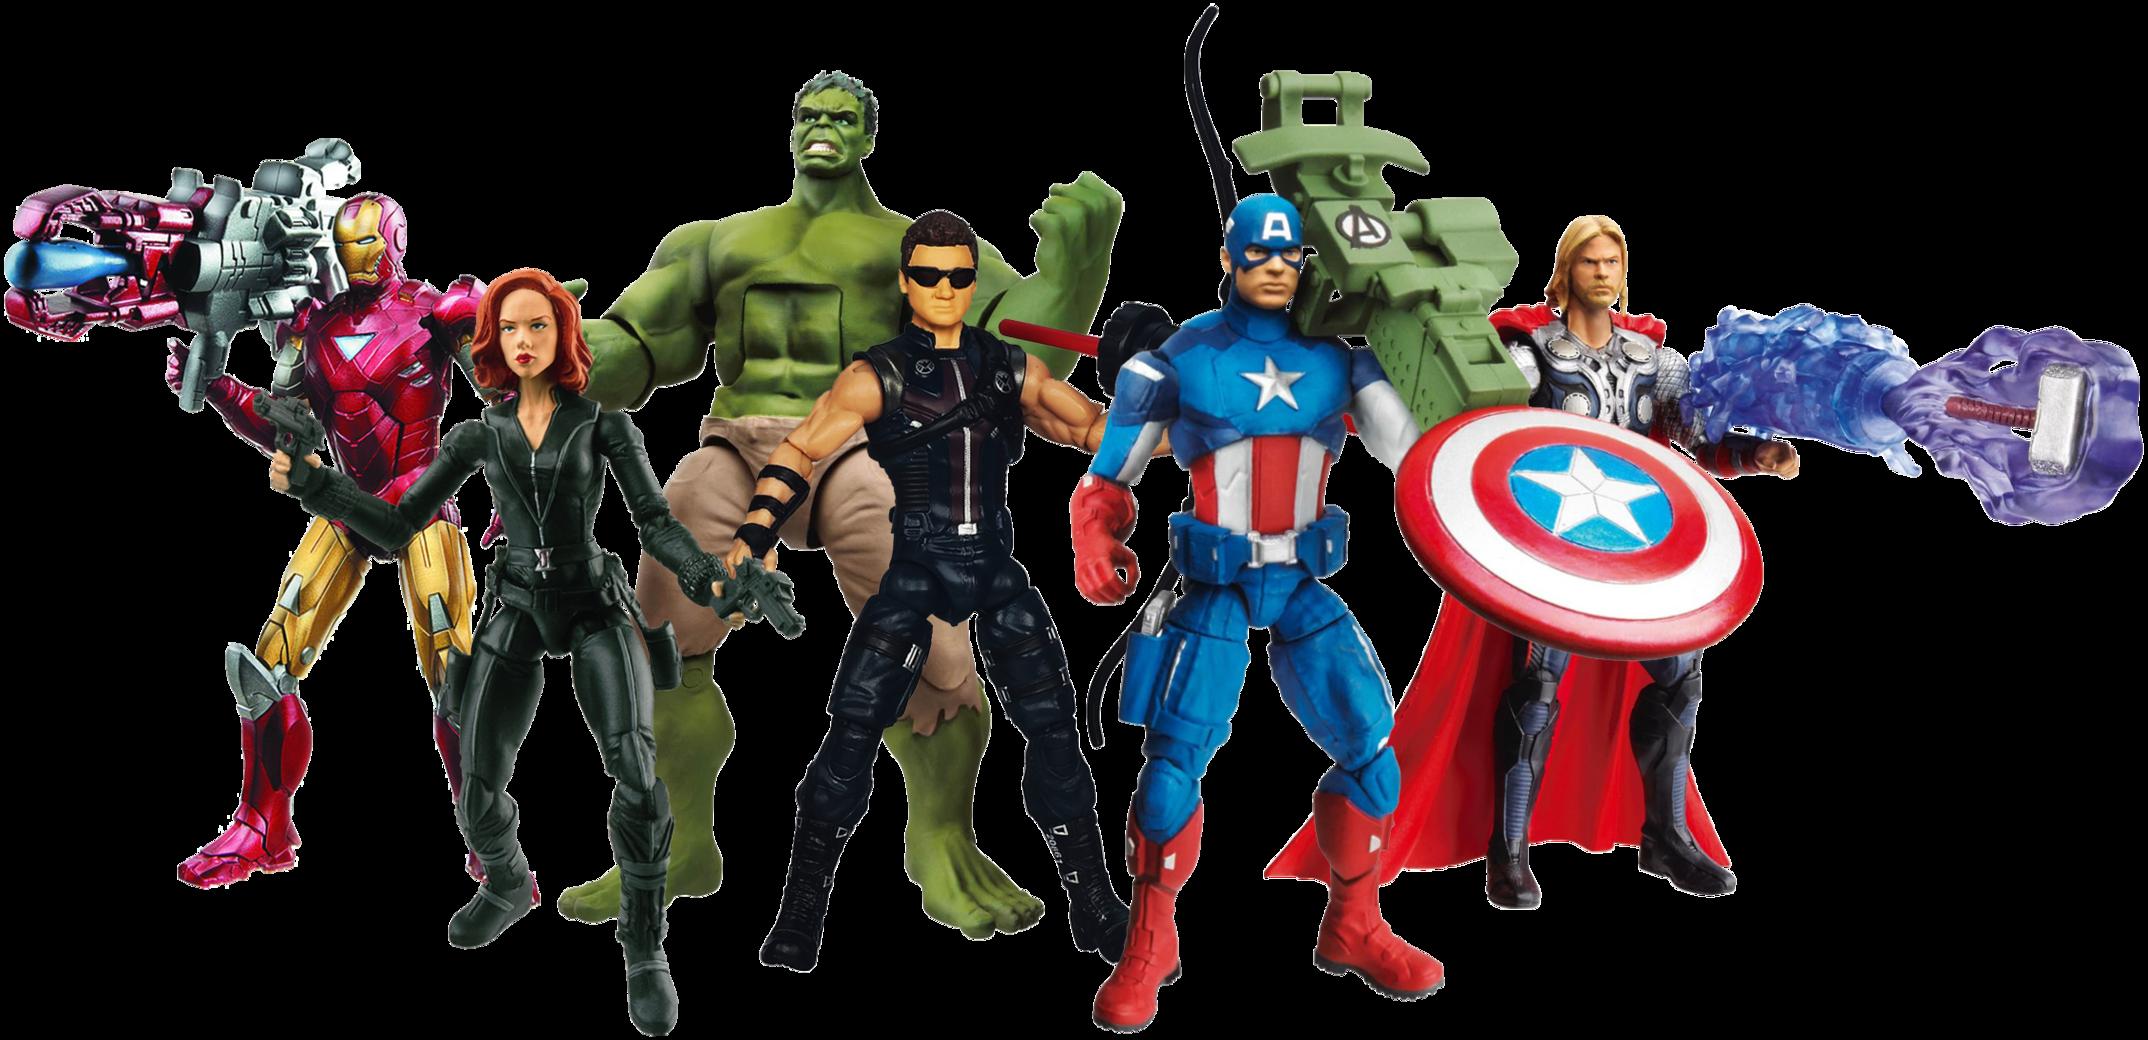 Clipart marvel comics. Avengers clipartfest ace